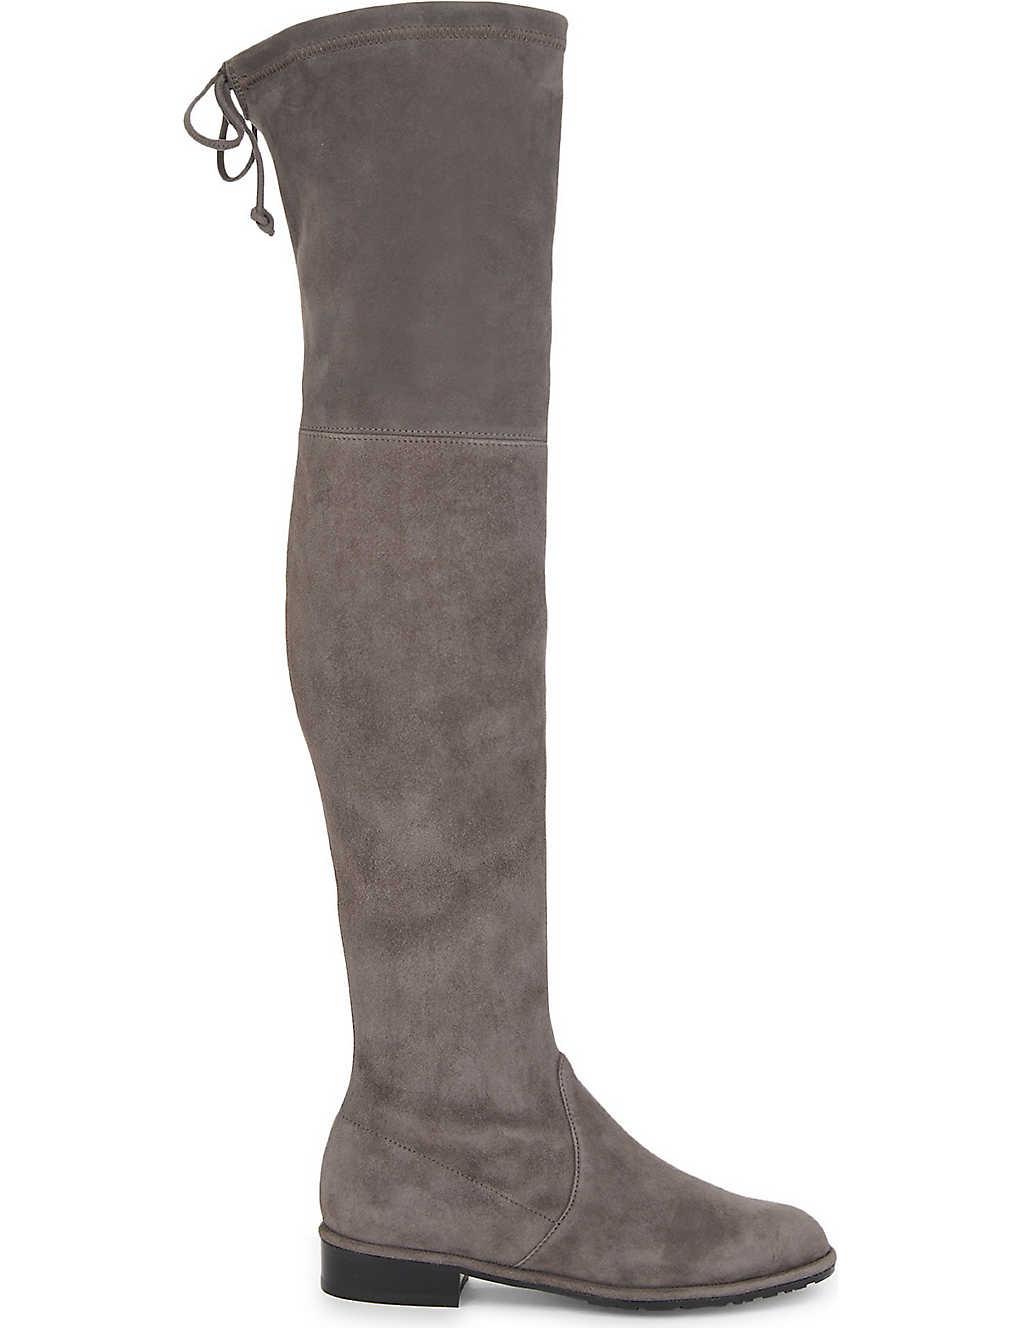 9ac734c82547 STUART WEITZMAN - Lowland suede over-the-knee boots   Selfridges.com